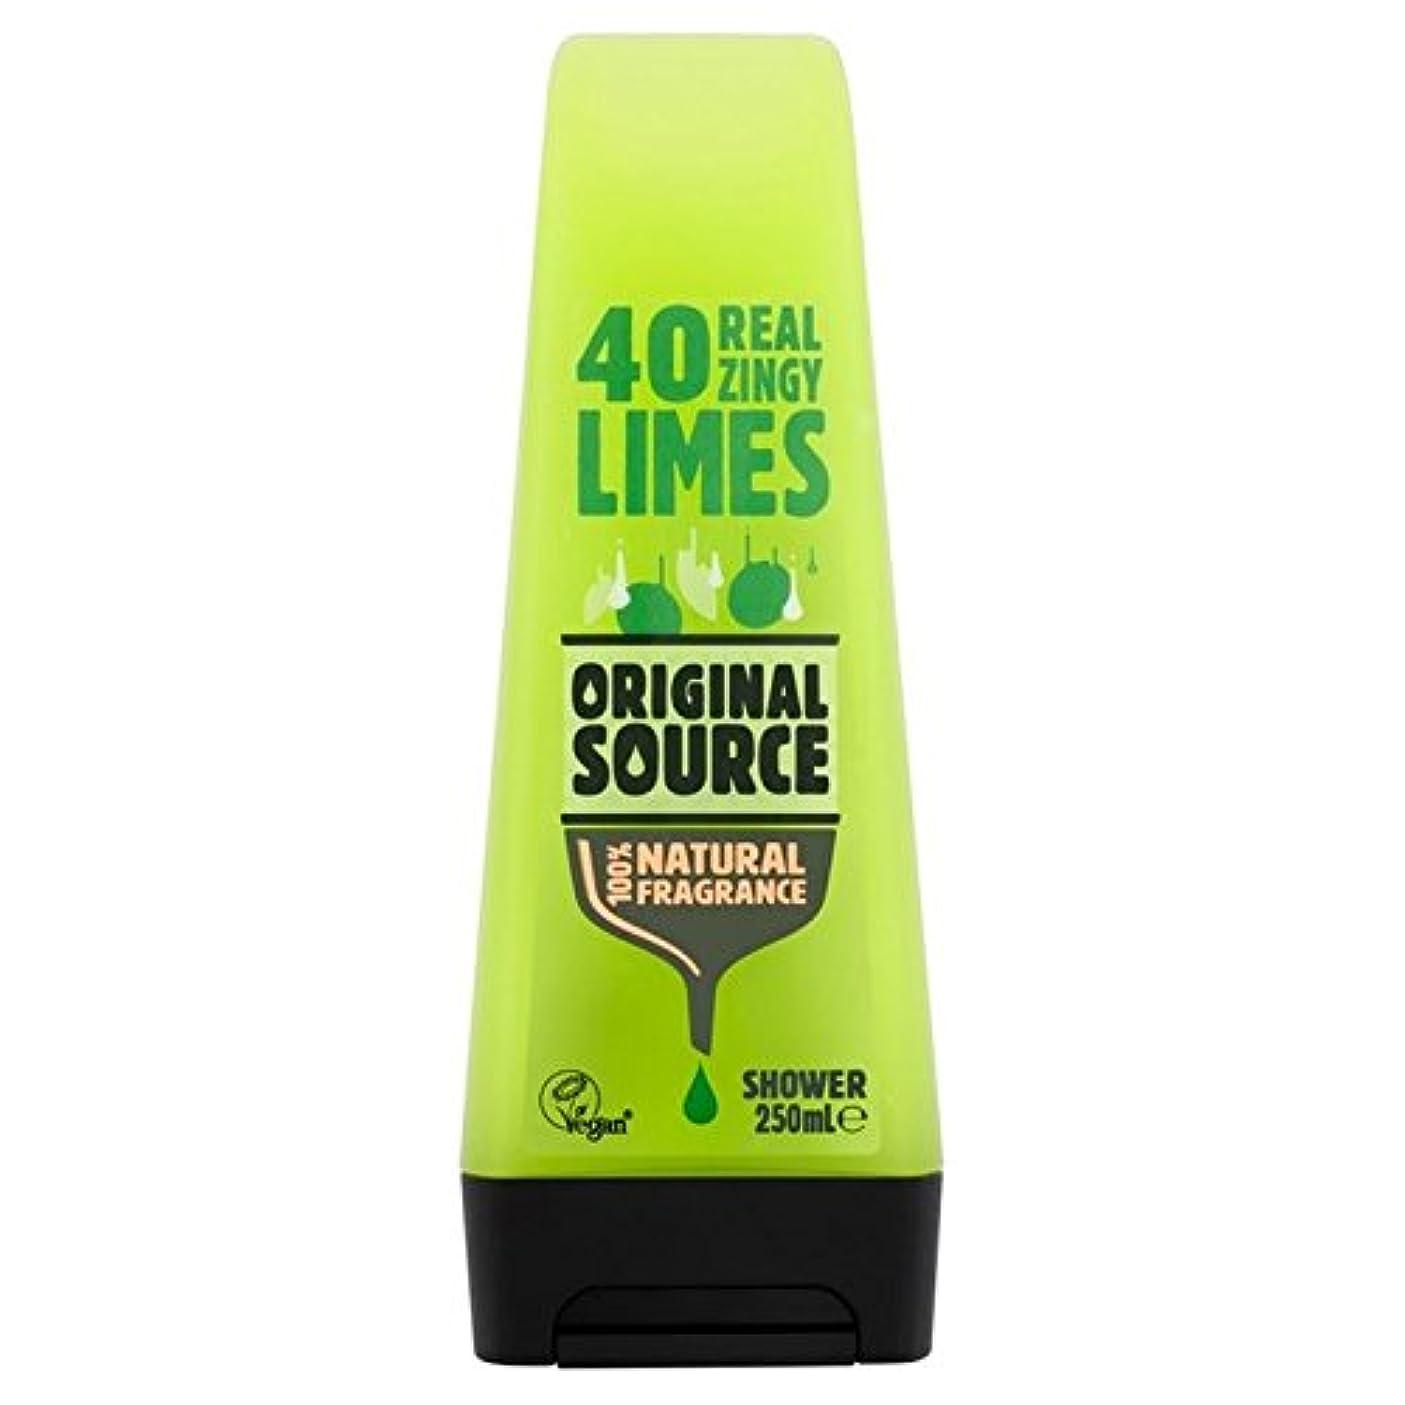 元のソースライムシャワージェル250ミリリットル x2 - Original Source Lime Shower Gel 250ml (Pack of 2) [並行輸入品]